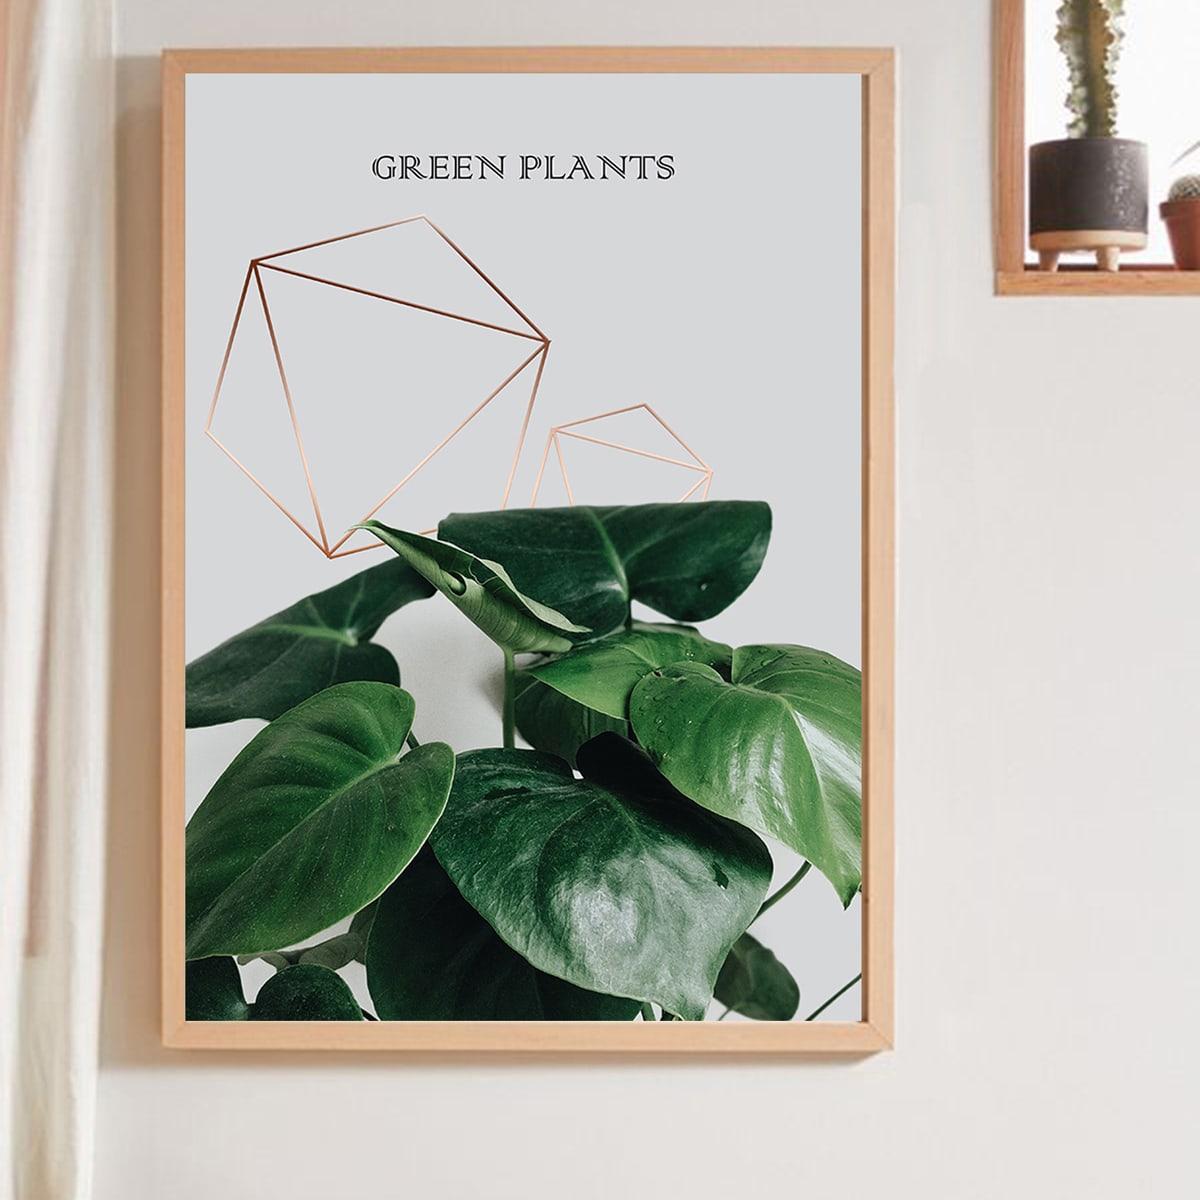 Картины в интерьере с лиственным принтом без рамки фото